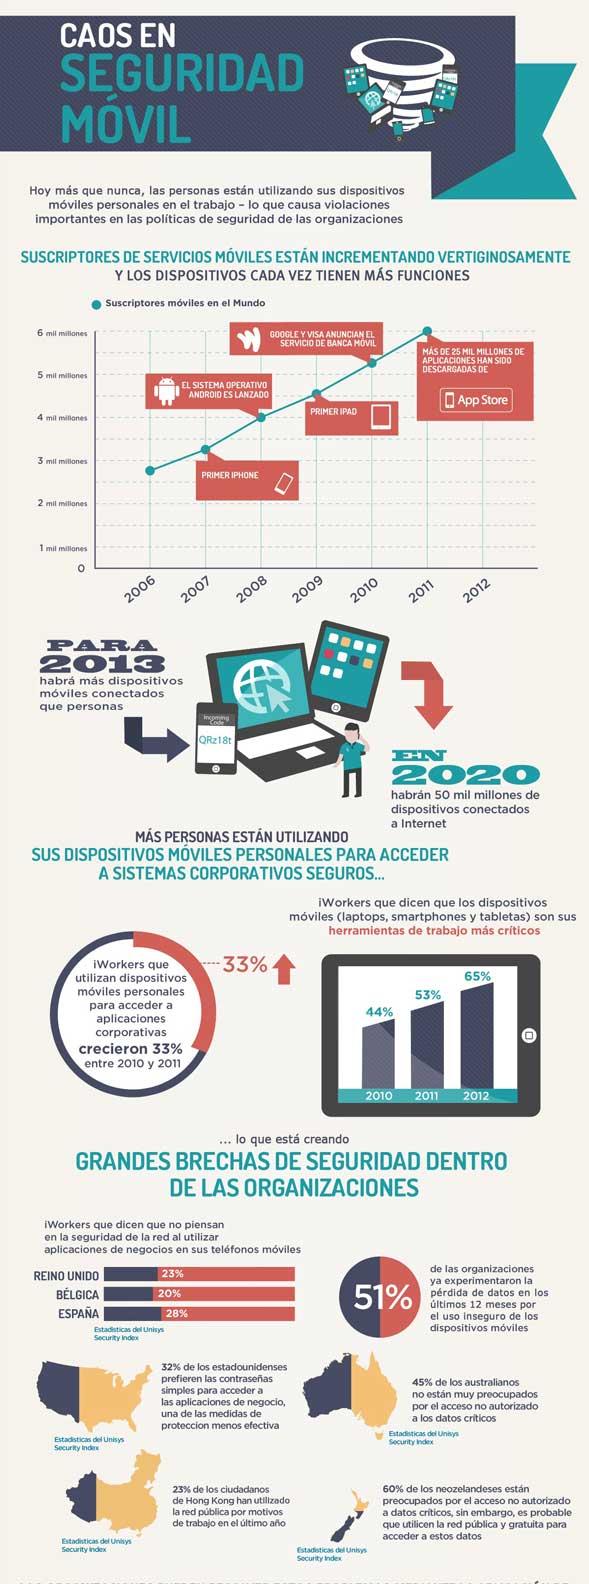 El BYOD móvil amenaza la seguridad de las empresas 51